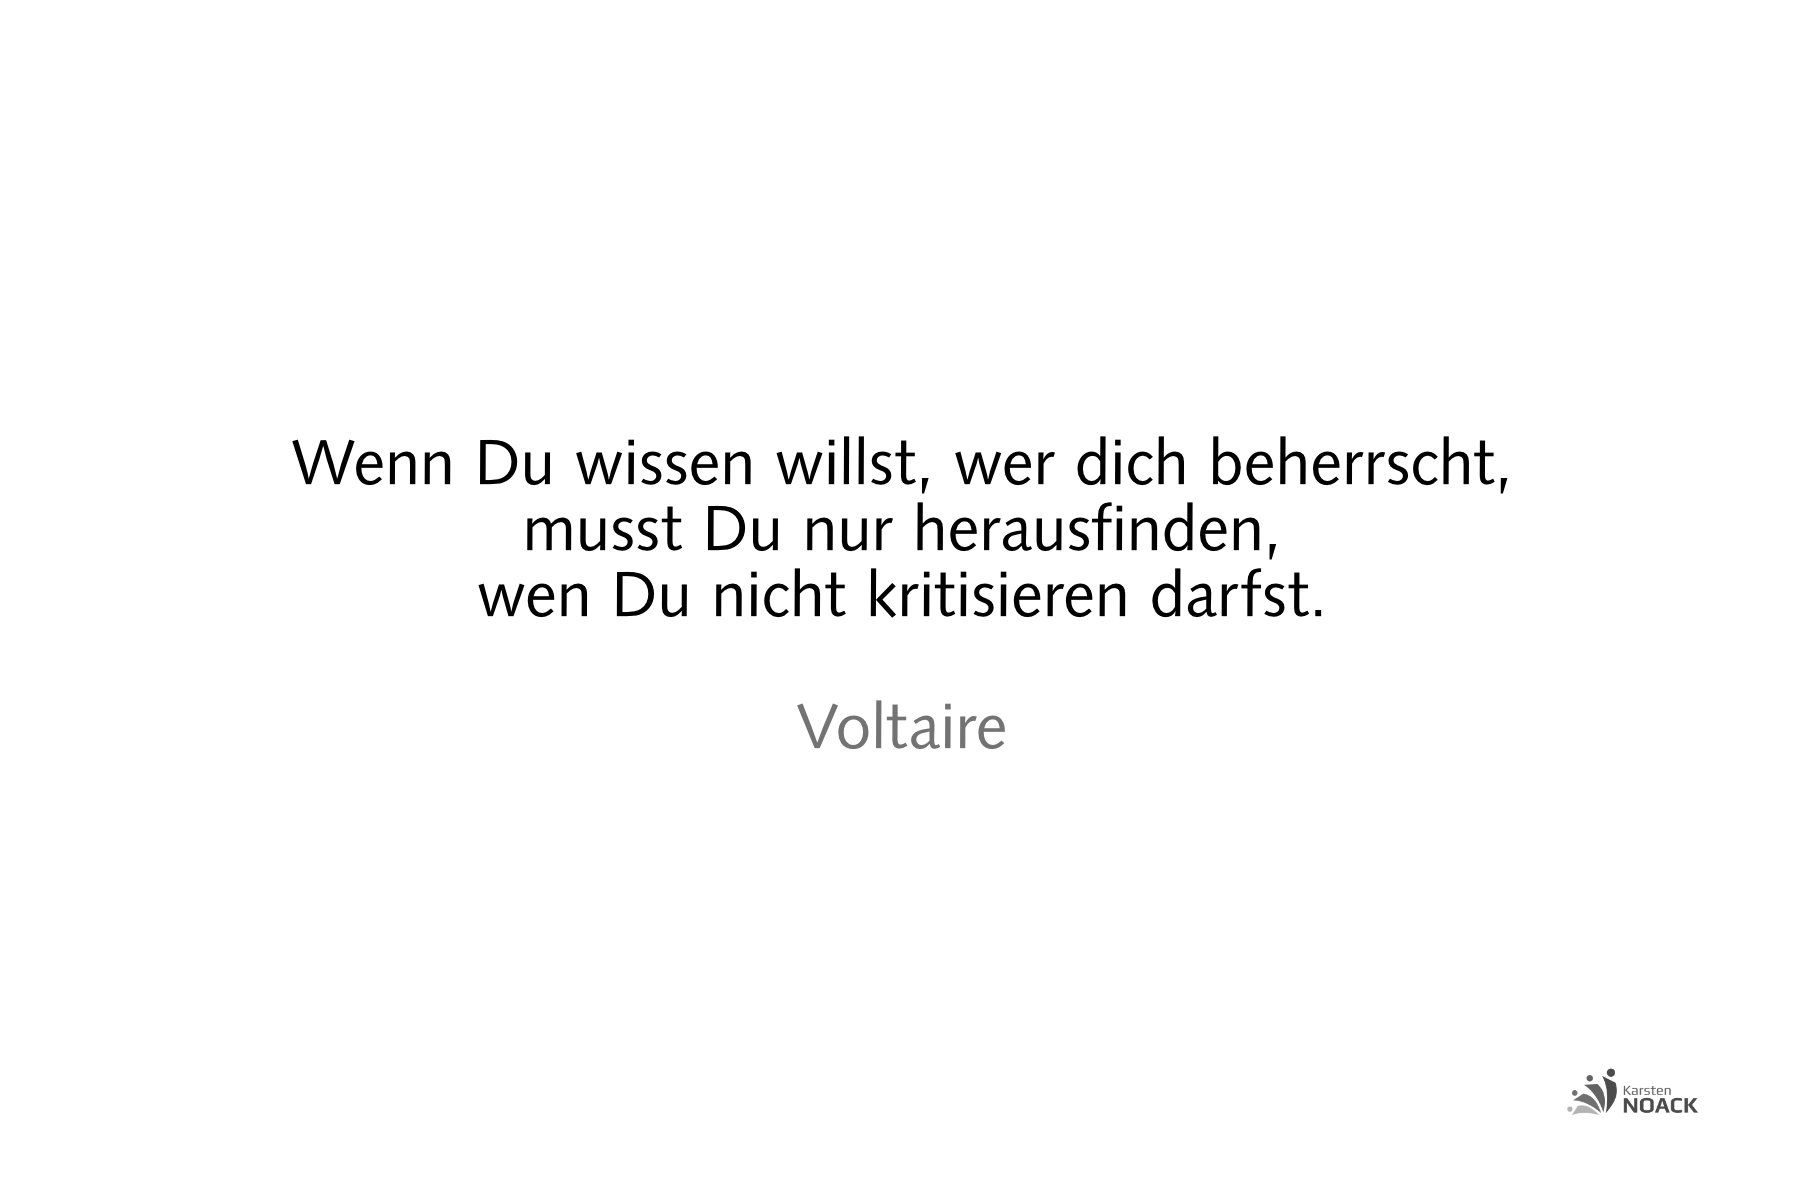 Wenn Du wissen willst, wer dich beherrscht, musst Du nur herausfinden, wen Du nicht kritisieren darfst. Voltaire